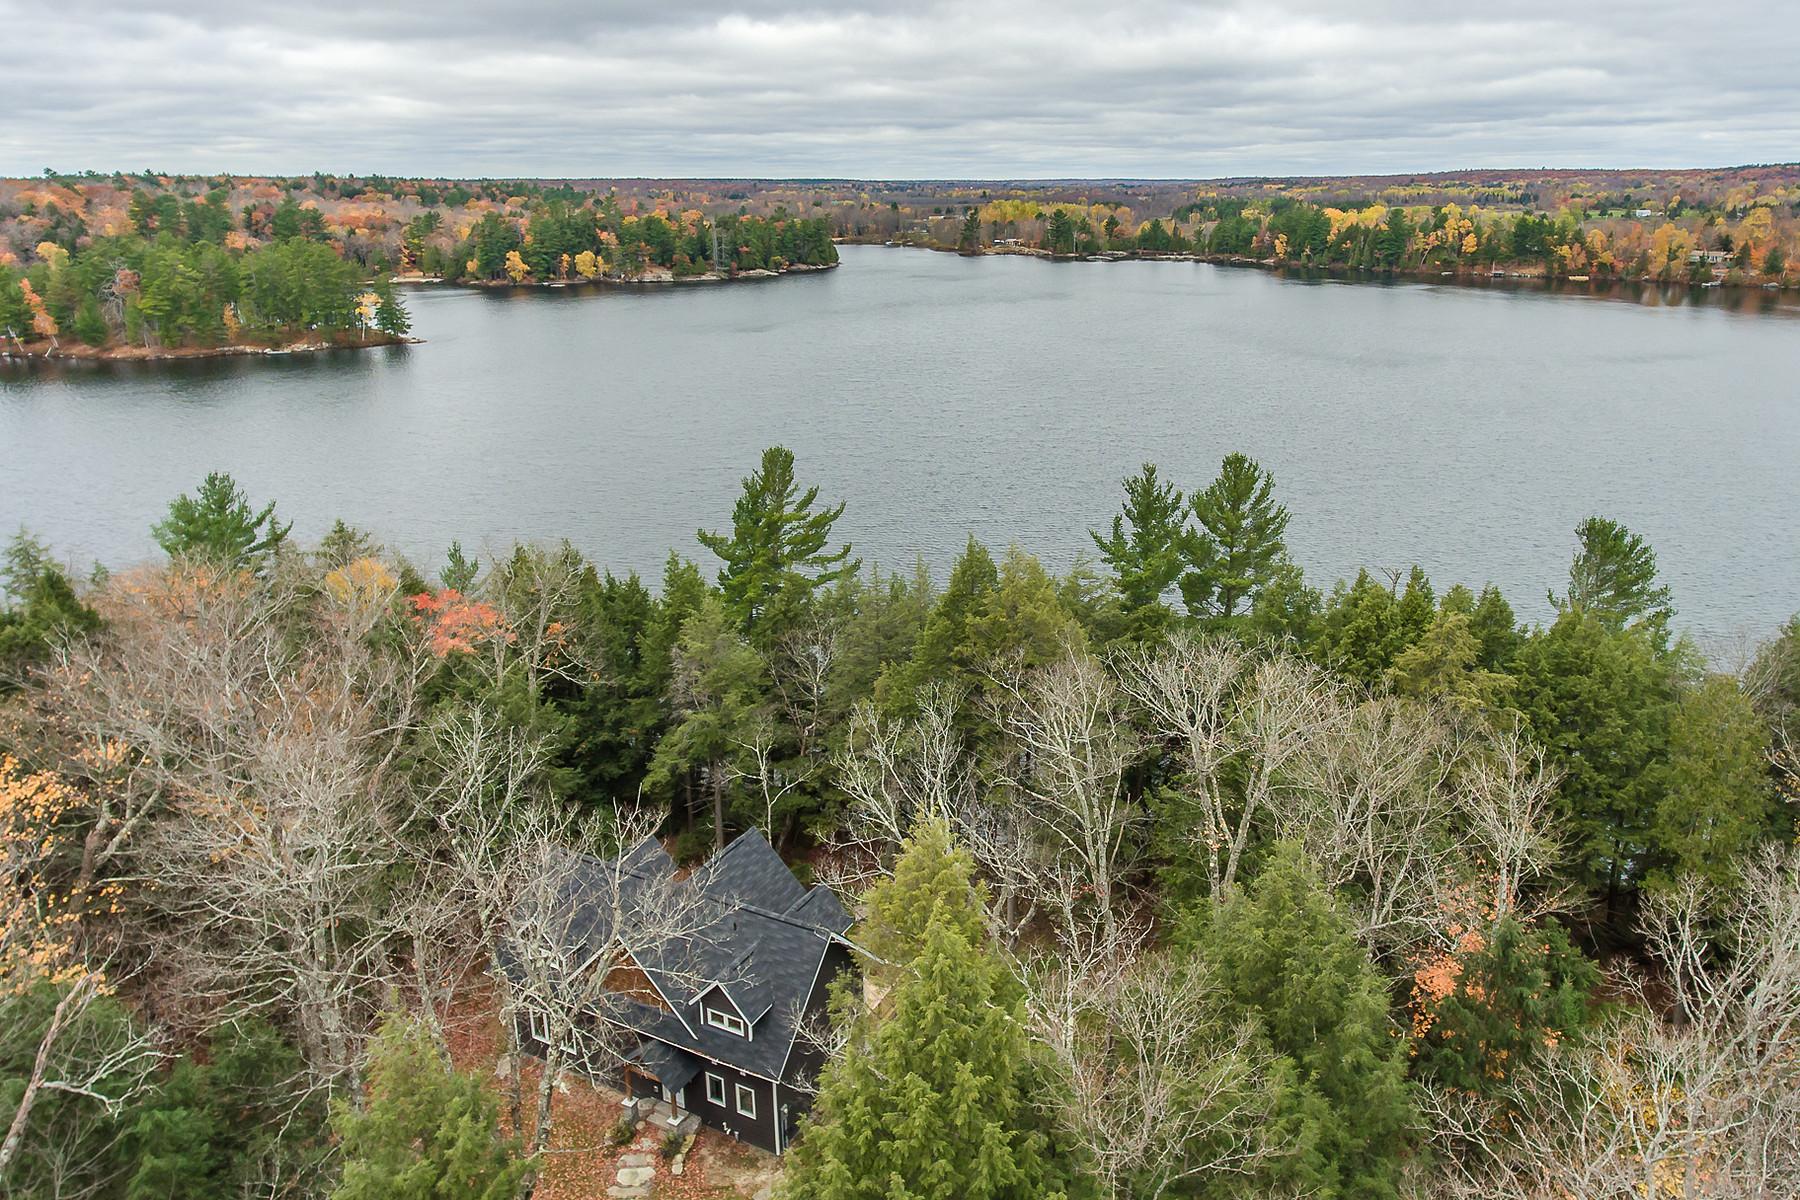 Другая жилая недвижимость для того Продажа на Waterfront Lot-330' shoreline Lot 8 Lake Ridge Rd, Muskoka, Онтарио, P2A 2W8 Канада